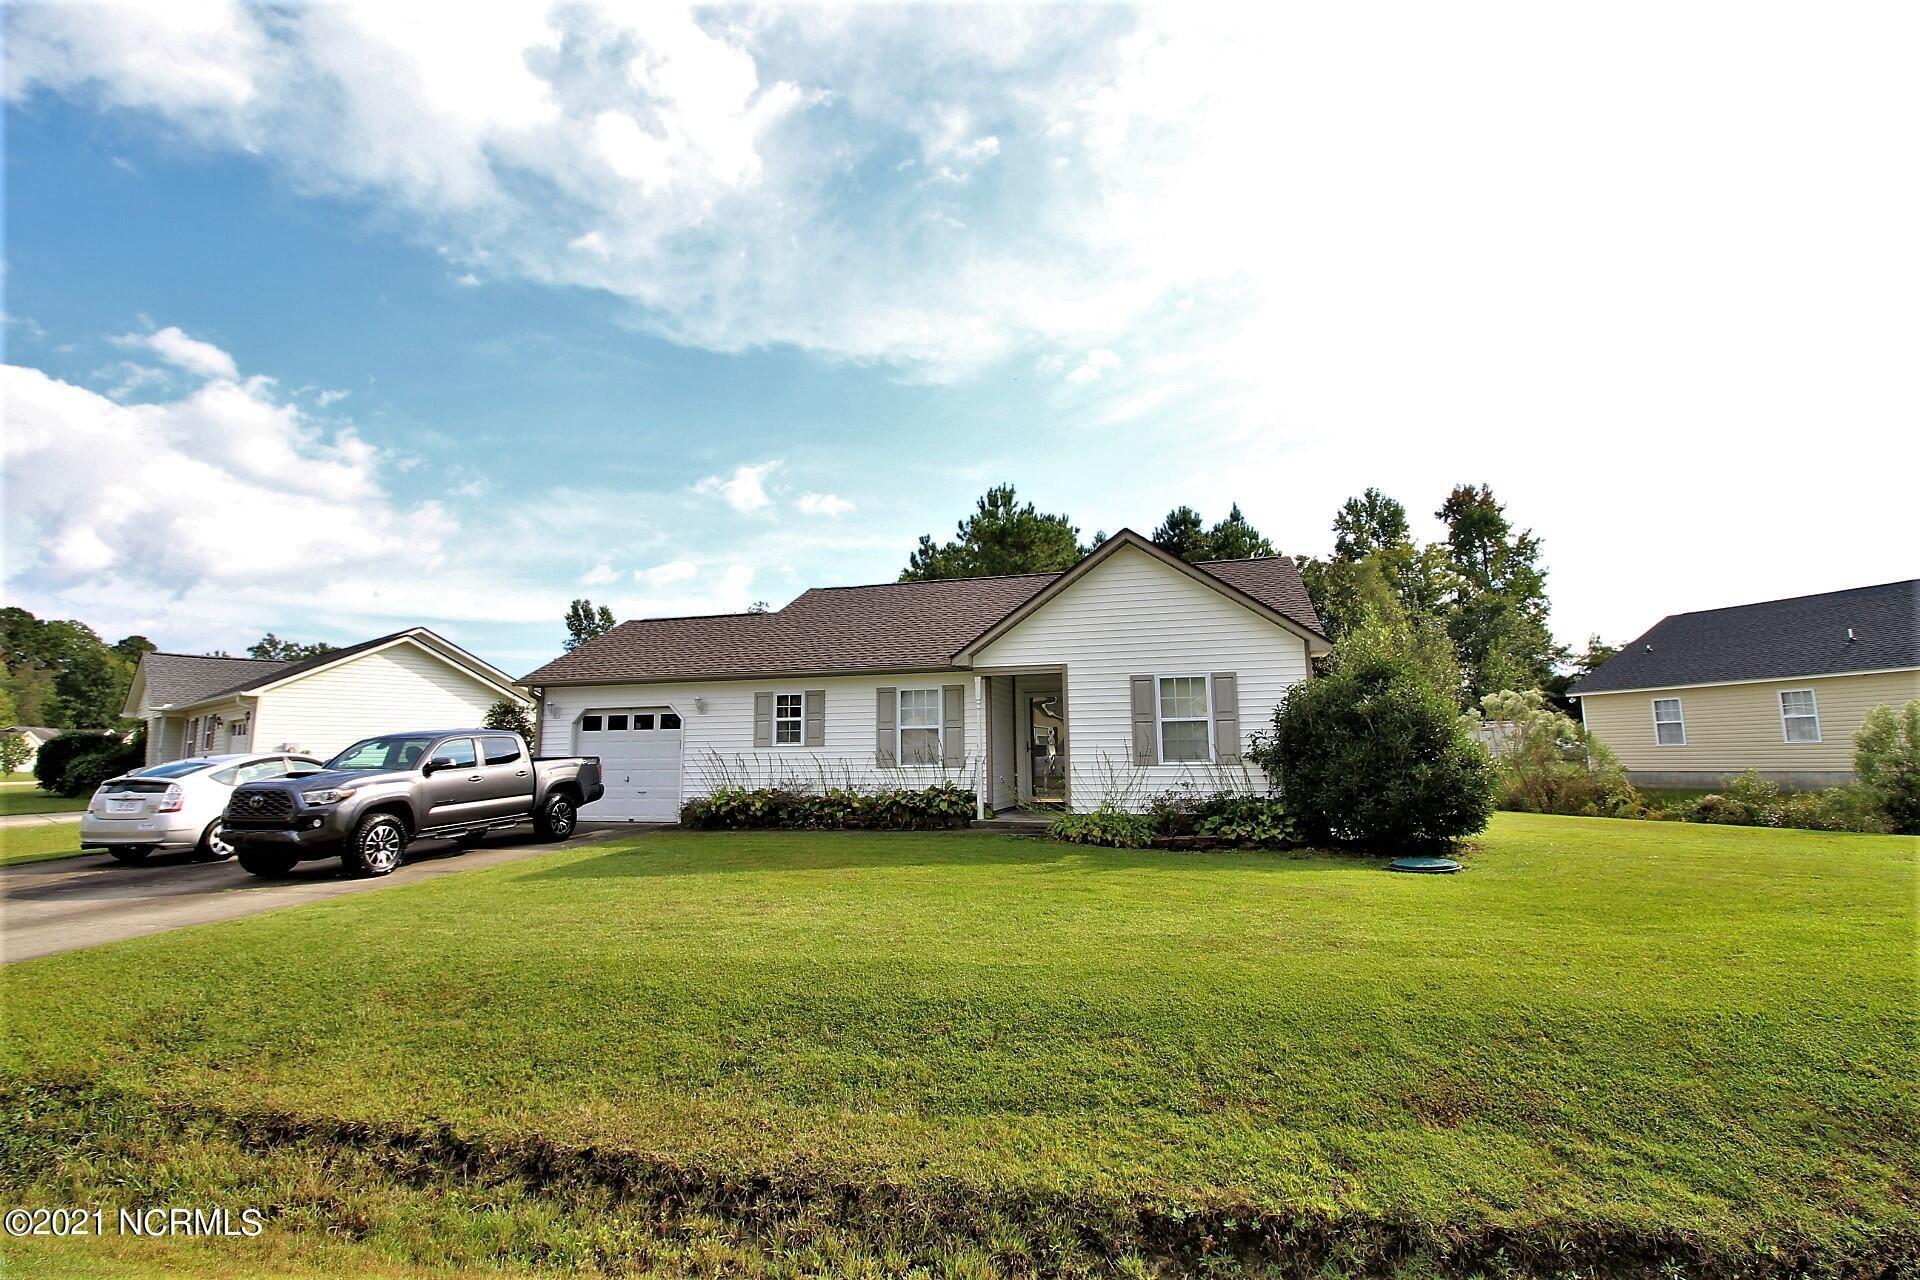 Photo of 119 Oakley Drive, New Bern, NC 28560 (MLS # 100294863)